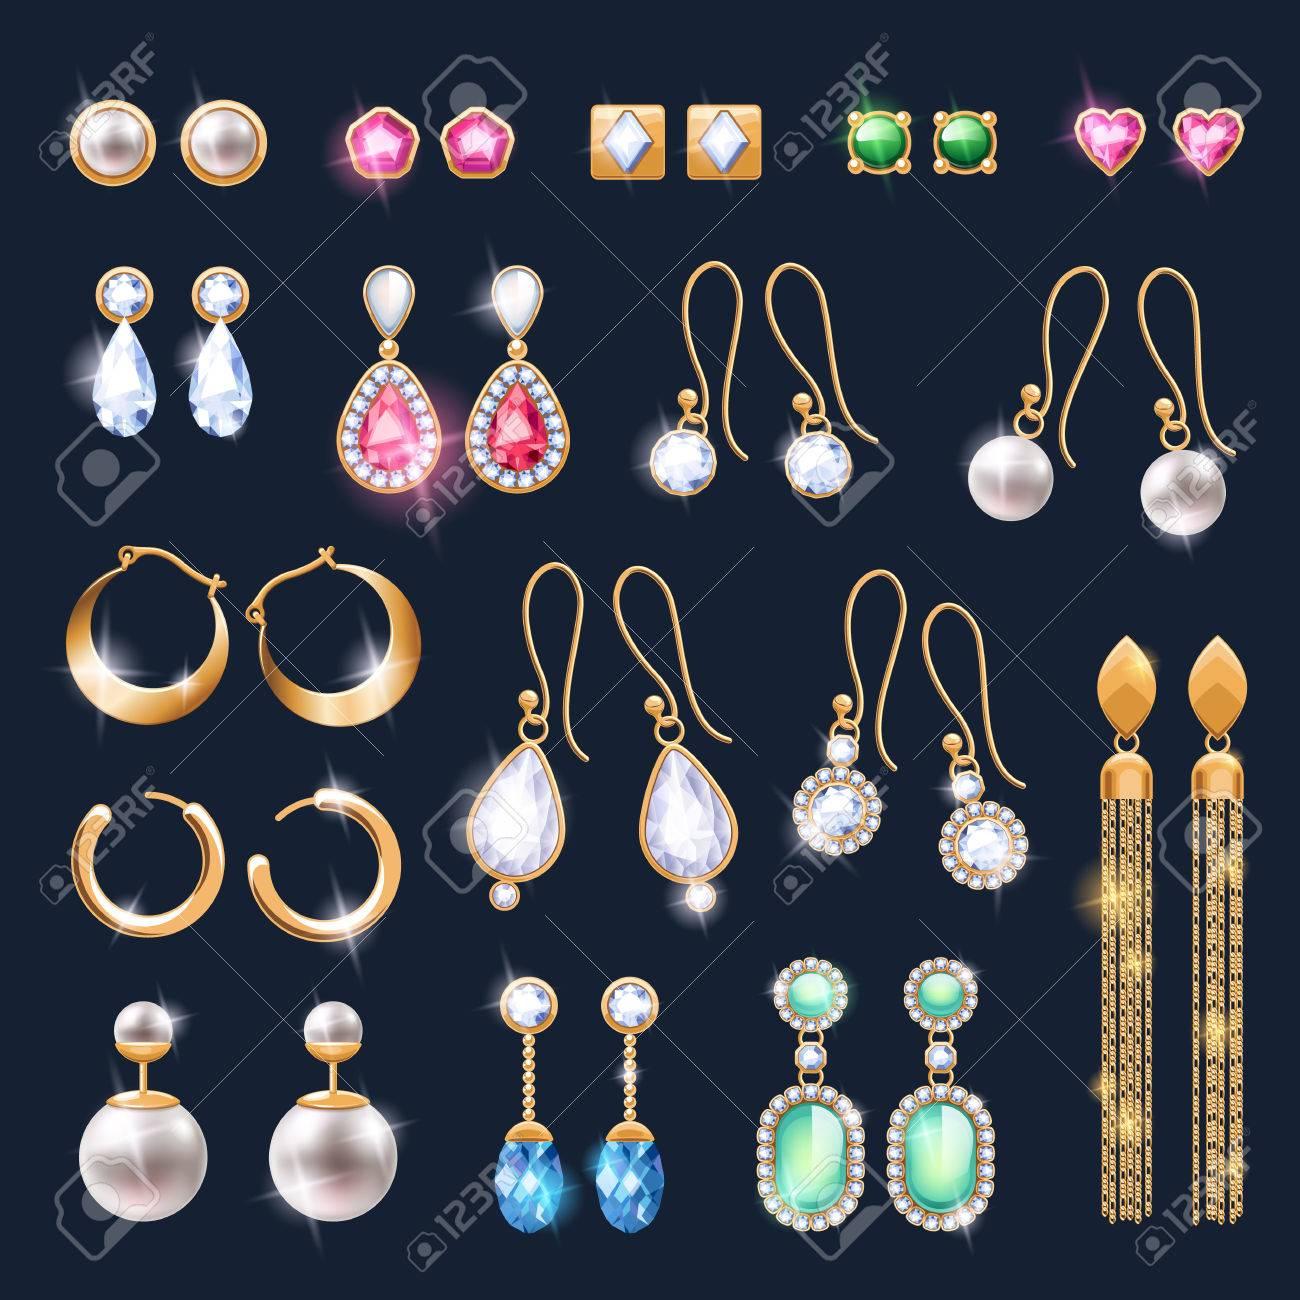 316cdea34b66 Foto de archivo - Pendientes de joyería accesorios realistas iconos. Oro y  piedras preciosas perlas de diamante colgante ilustración vectorial.